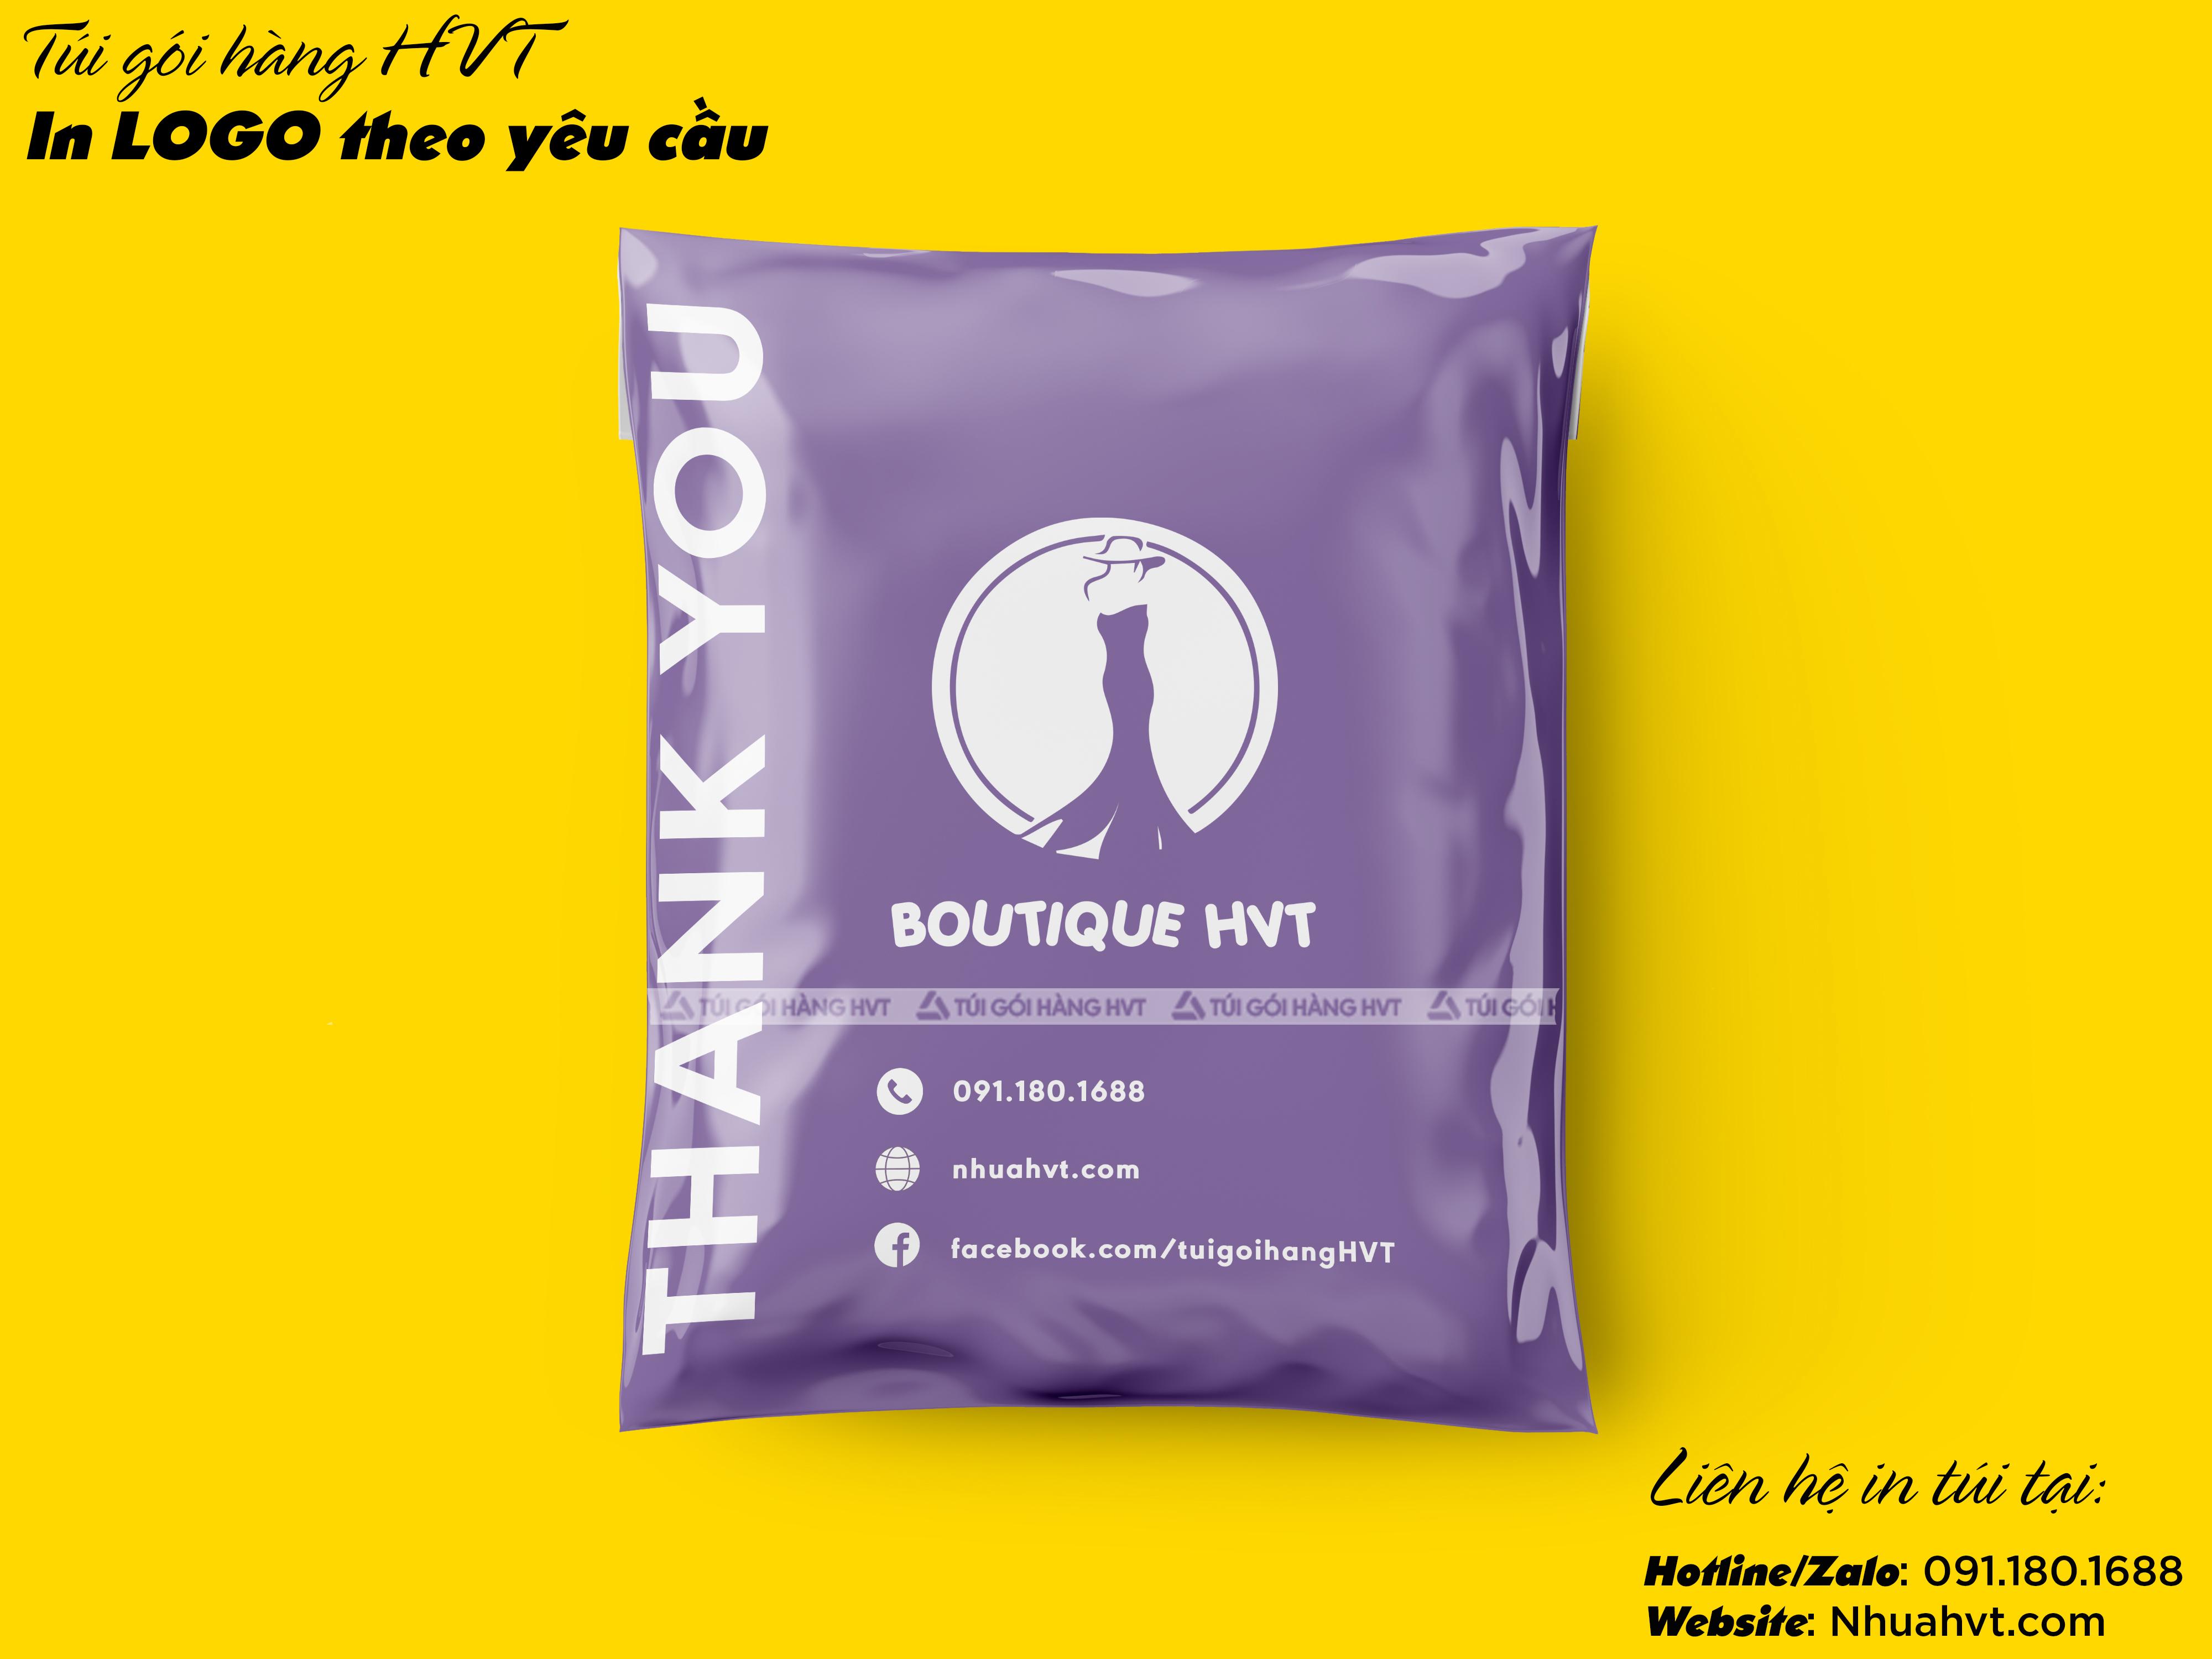 In logo thương hiệu lên túi gói hàng màu tím